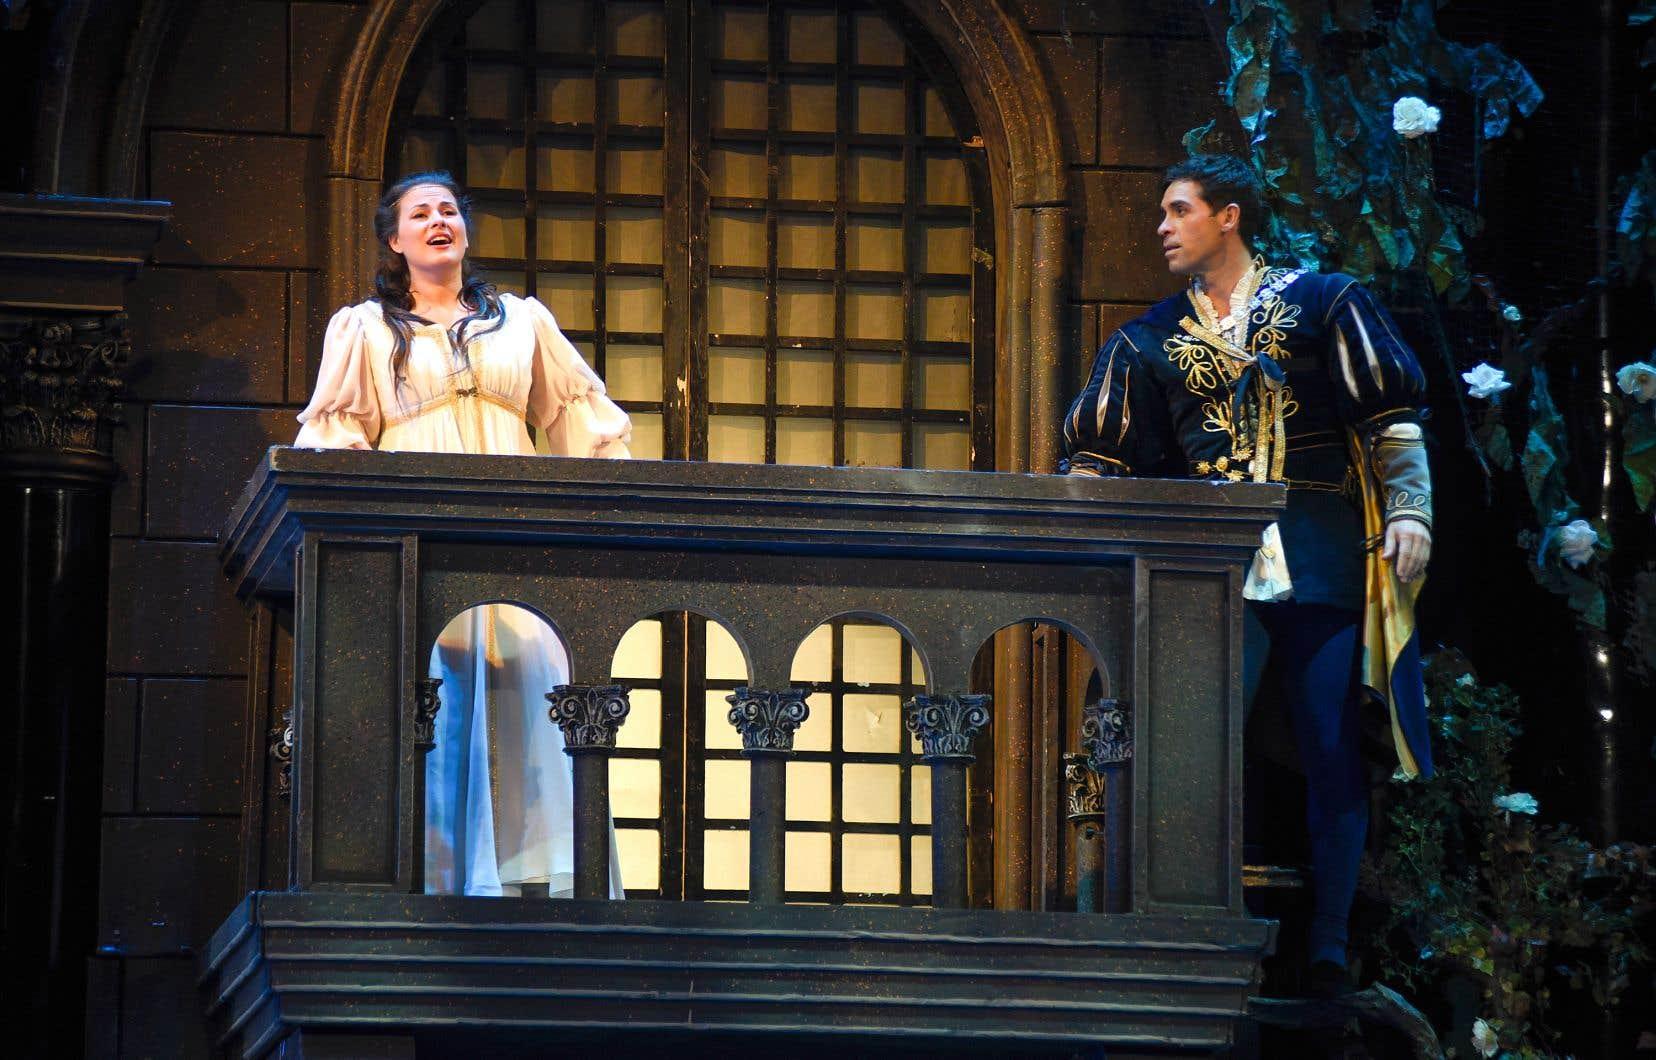 La soprano Marie-Ève Munger et le ténor Ismael Jordi dans les rôles de Juliette et de Roméo